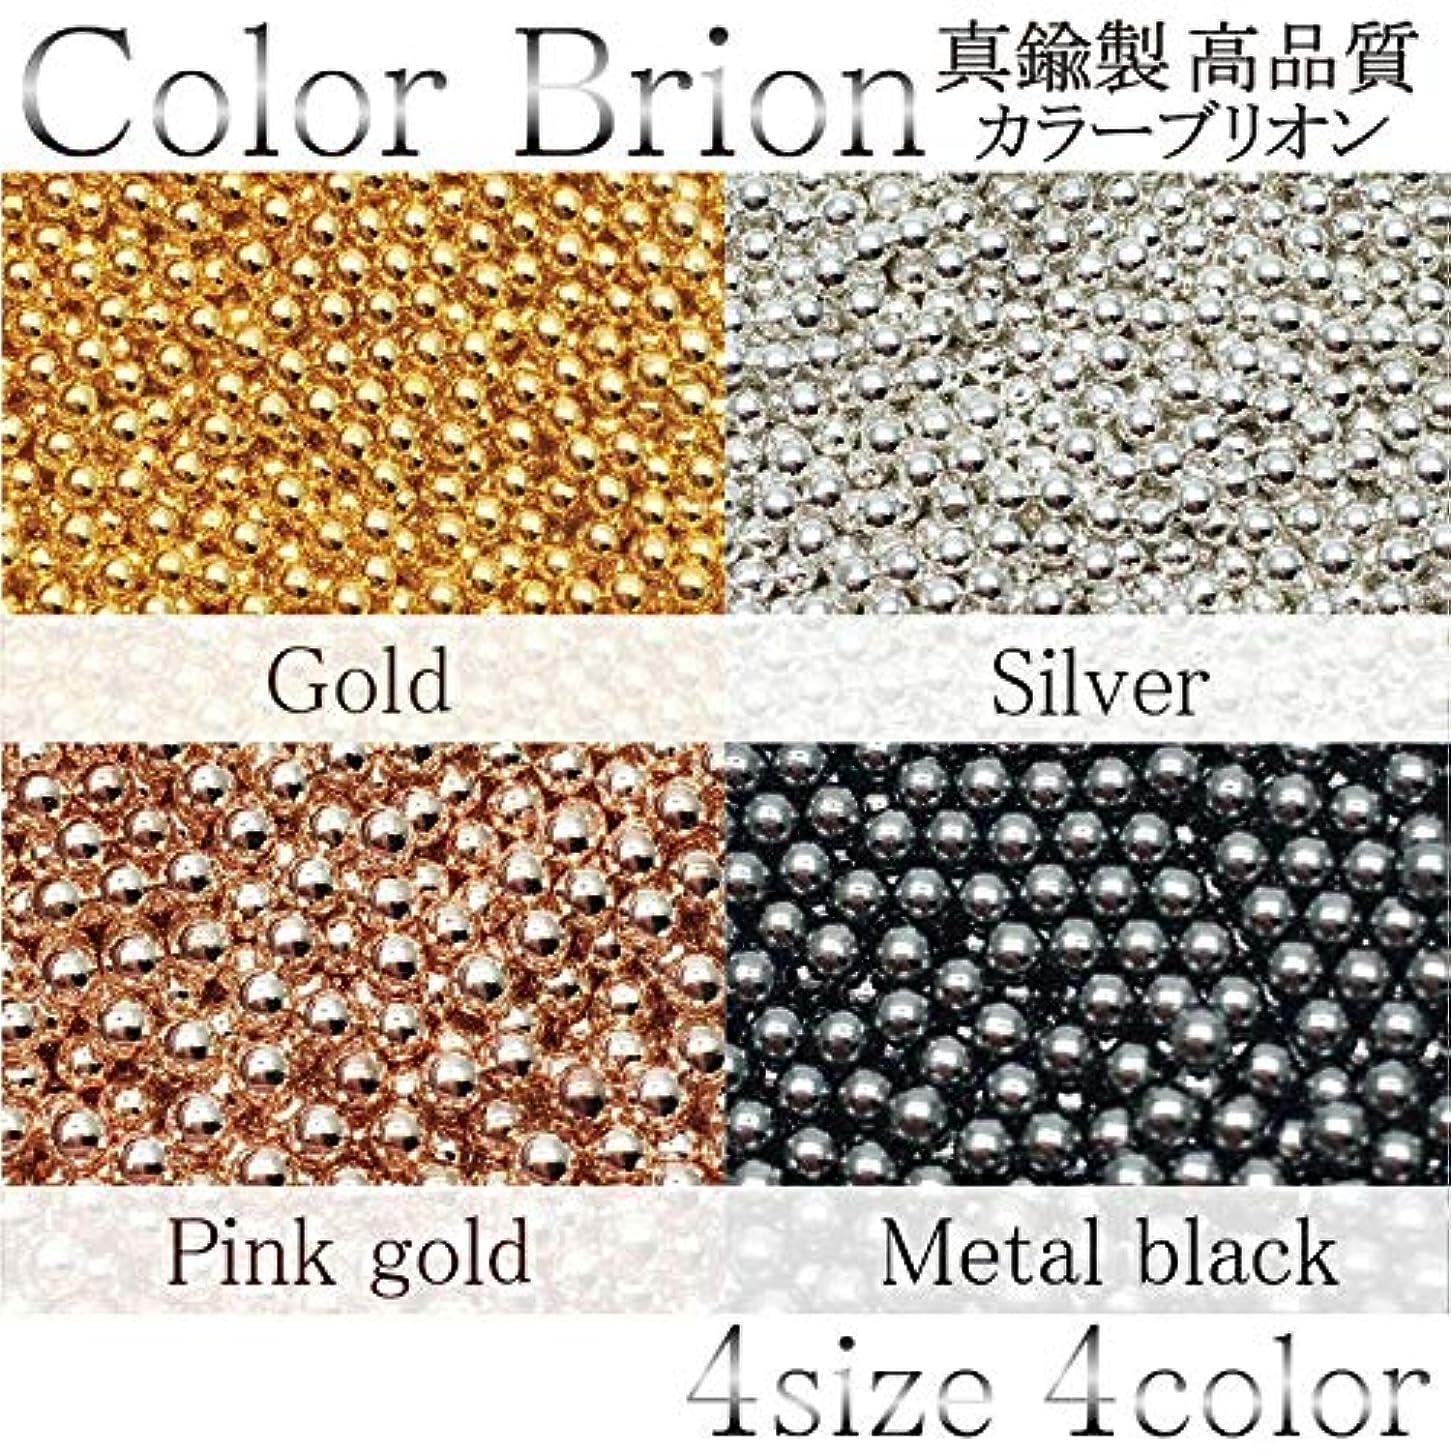 拒絶ボンド測定可能真鍮製 高品質 カラーブリオン 各種 4色 (約1.5mm(約4g), 4.メタルブラック)